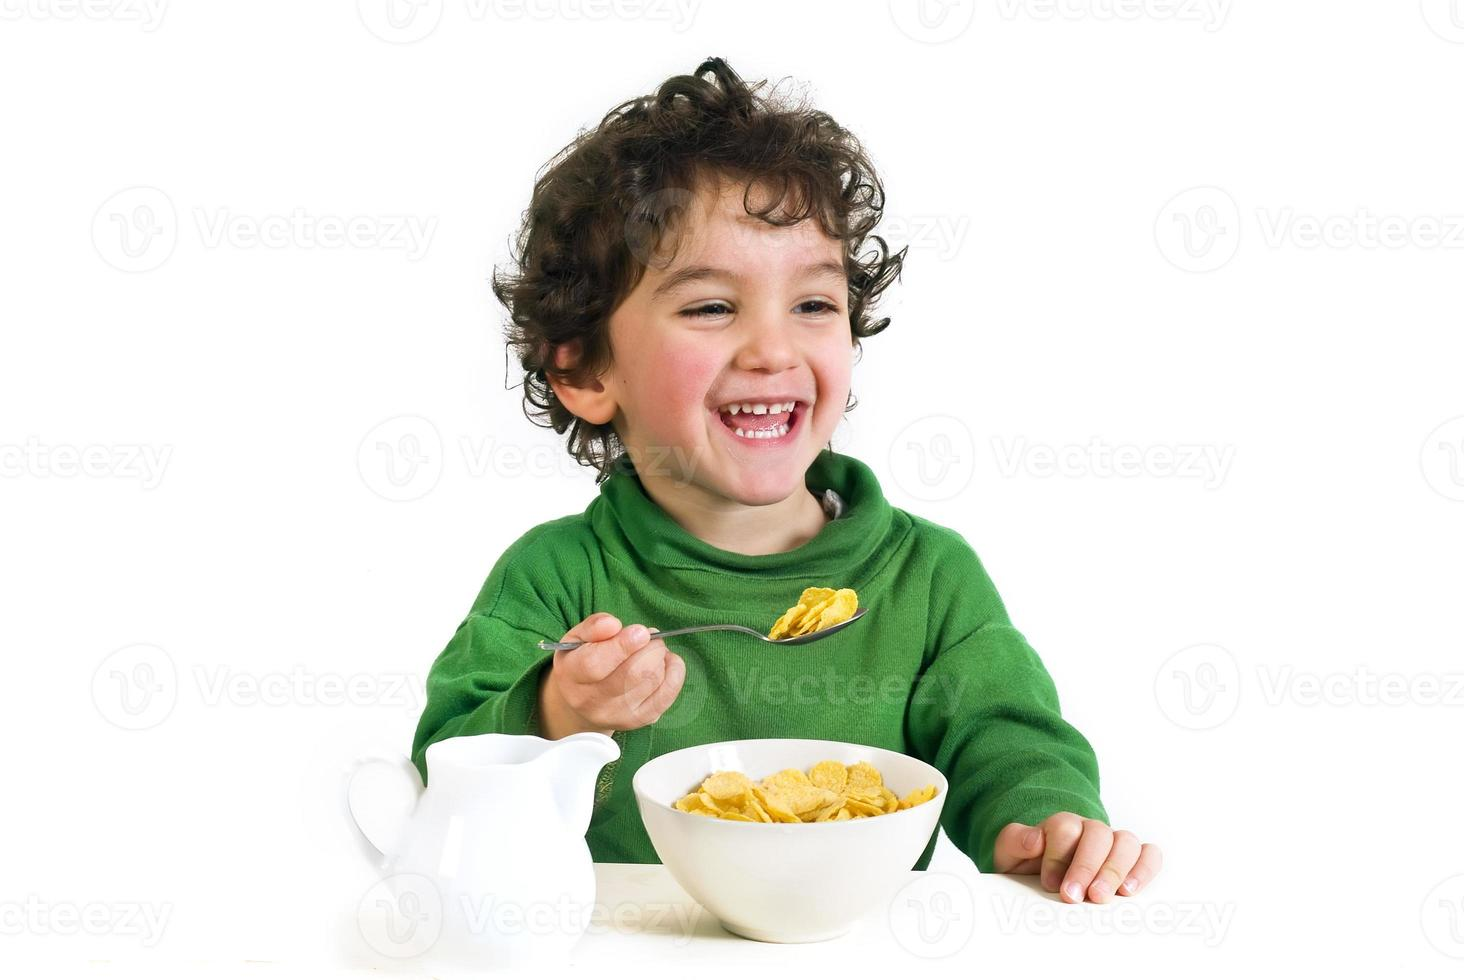 jovem rapaz rindo, apreciando seu cereal matinal com leite foto